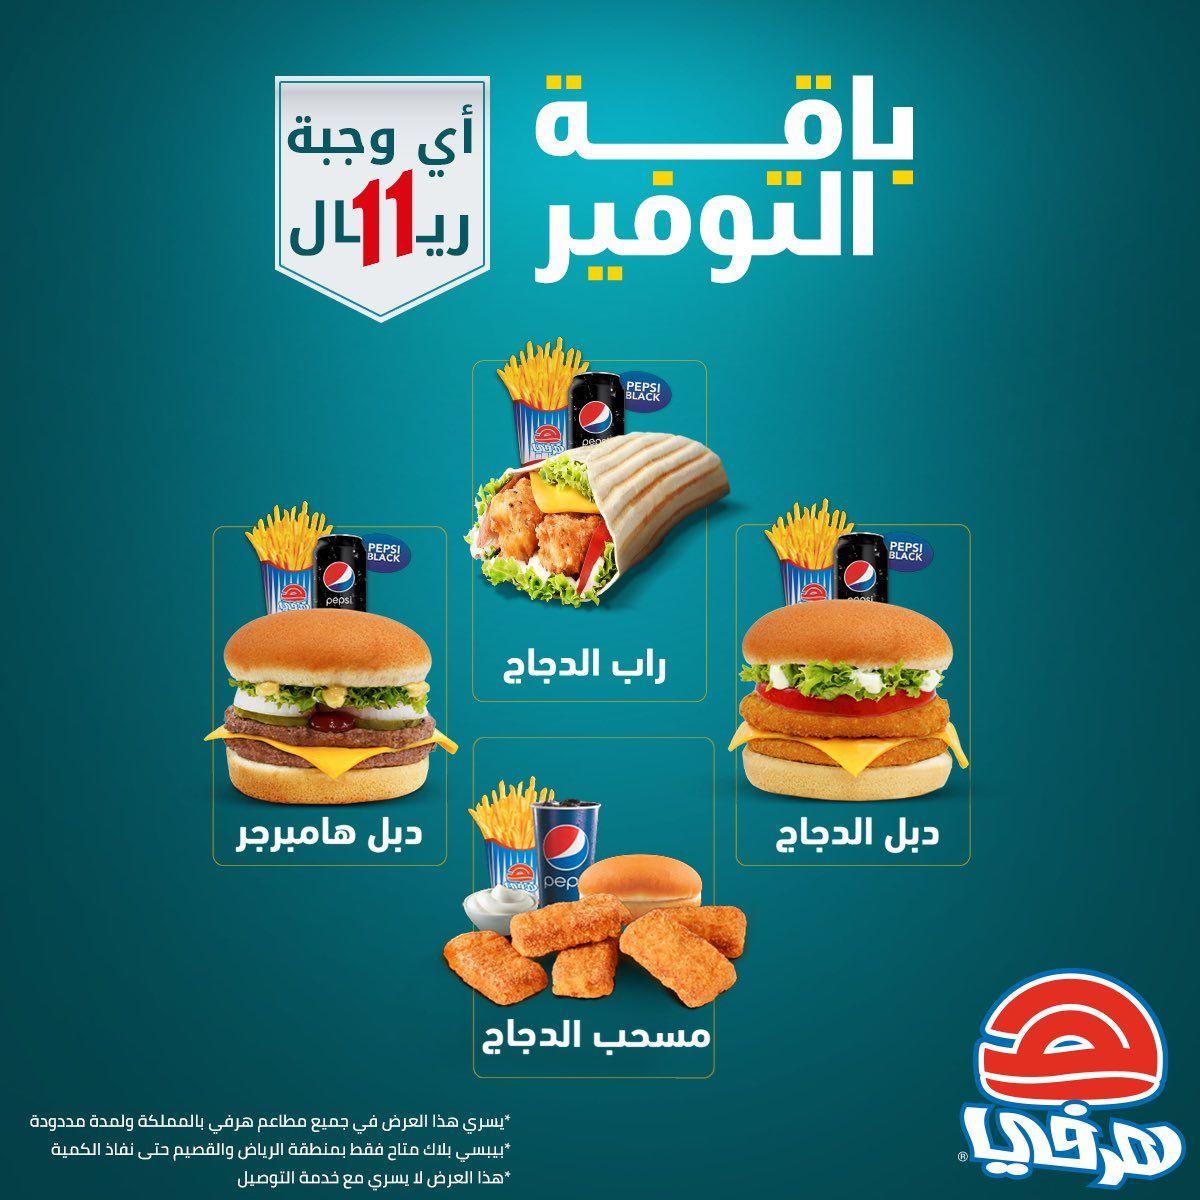 عروض المطاعم عروض مطعم هرفي علي اللي ودك فيه الغداء بـ 11 ريال الخميس 16 1 2020 عروض اليوم Pep